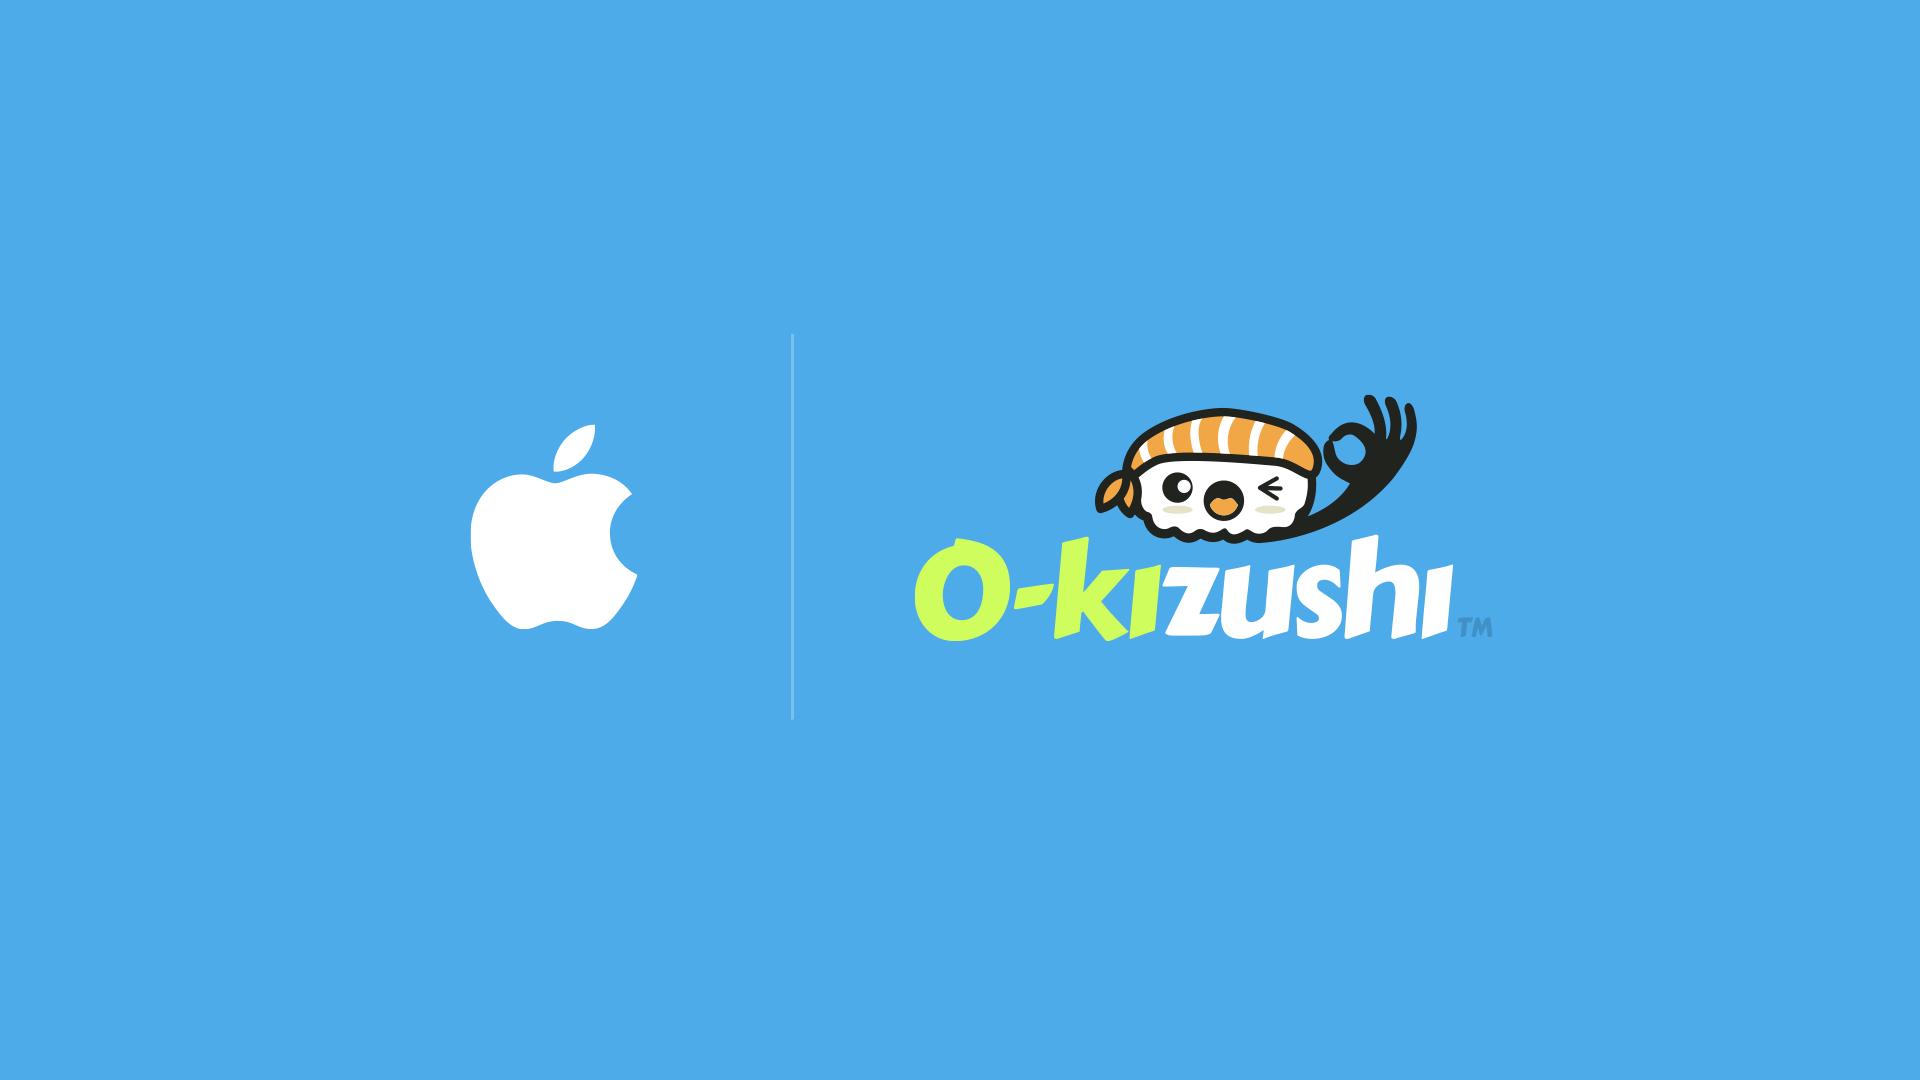 o-kizushi-proposal-apple01b.001.jpeg